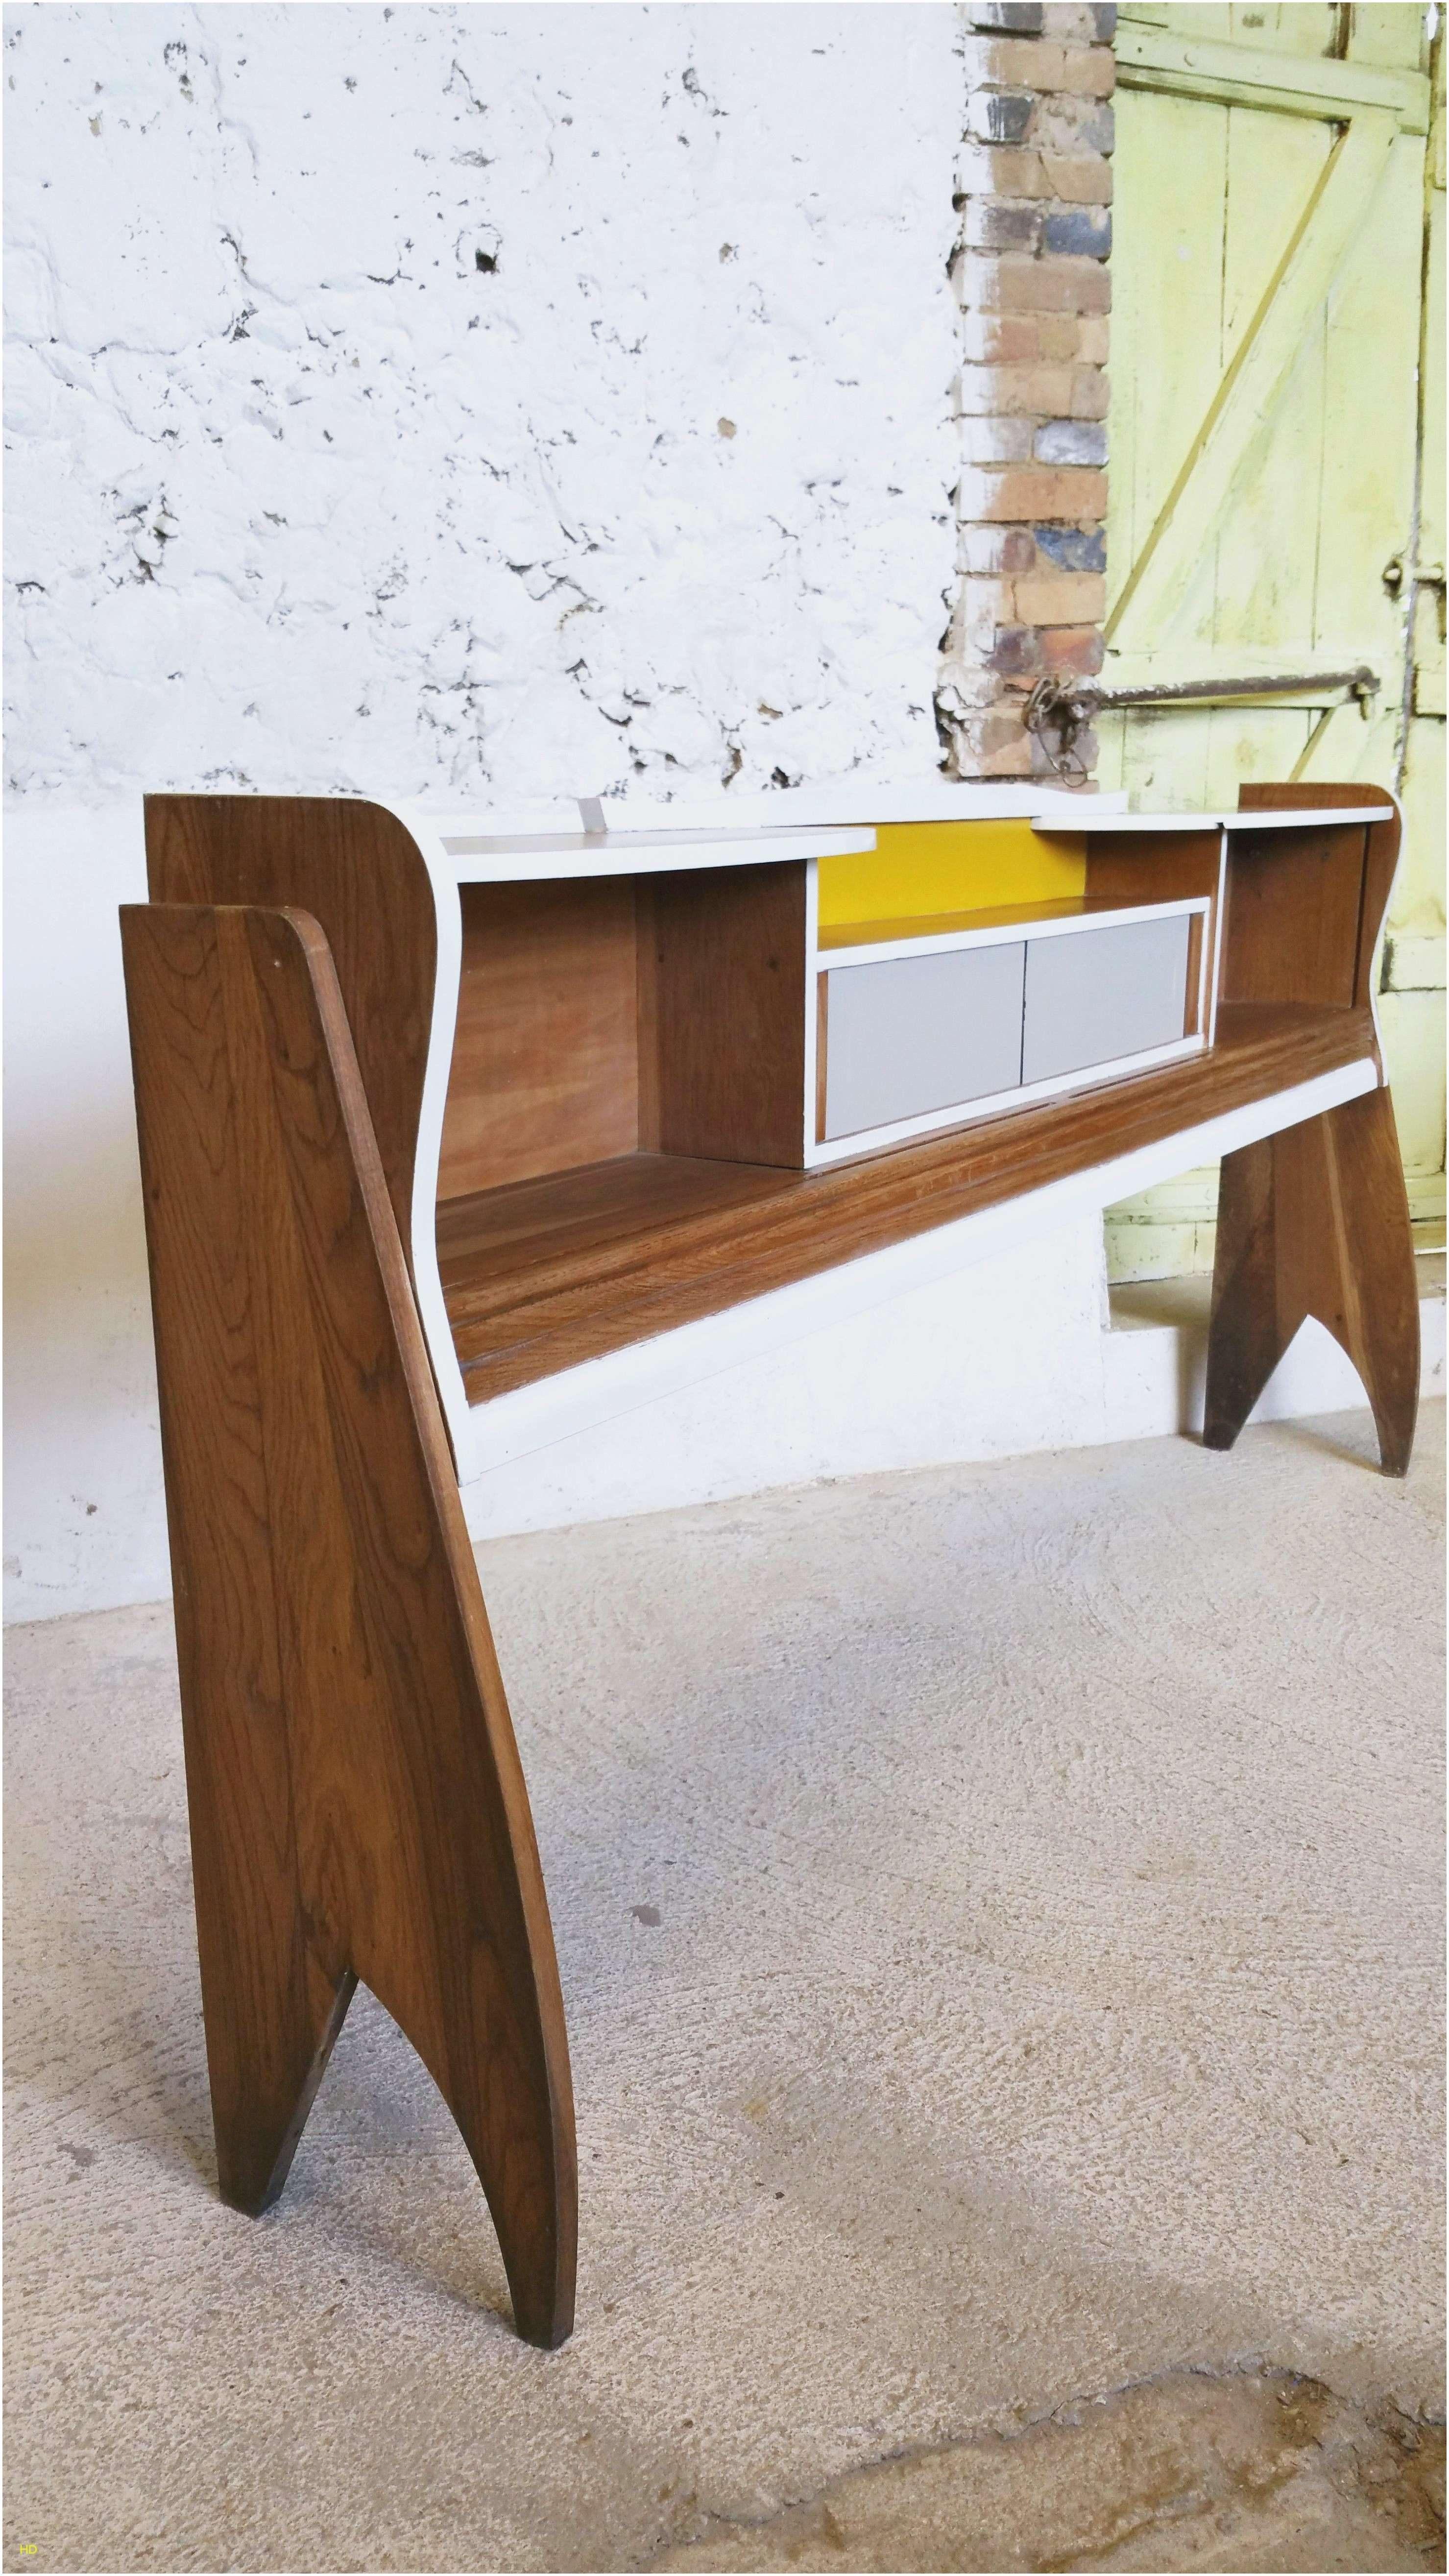 Descente De Lit Ikea Le Luxe Impressionnant Cuisine Ikea Plan Inspirant Ikea Chaise Bar élégant